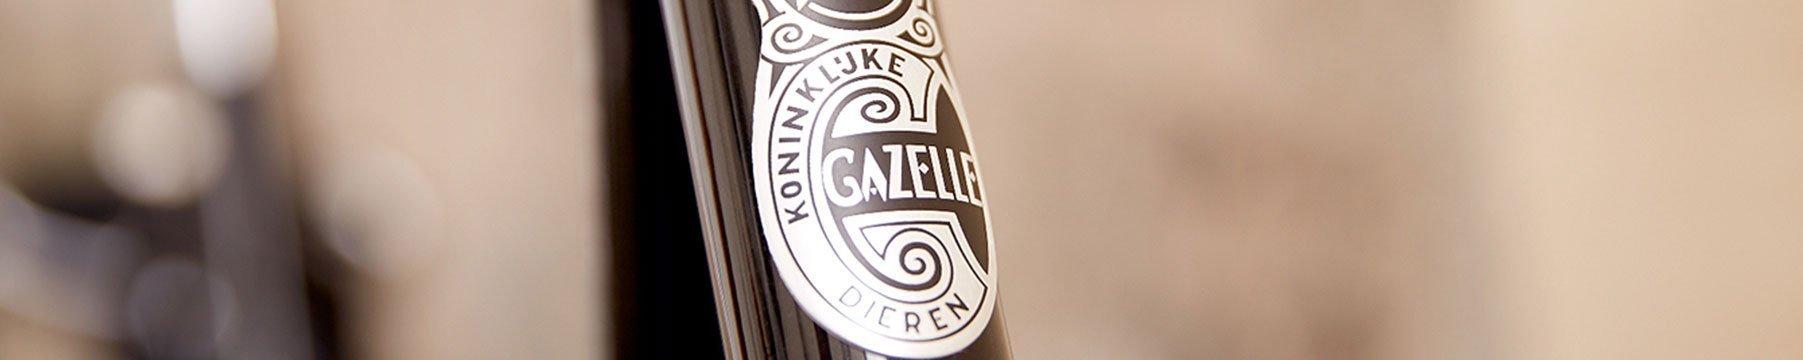 Gazelle fietsenwinkels - zoek een winkel bij jou in de buurt